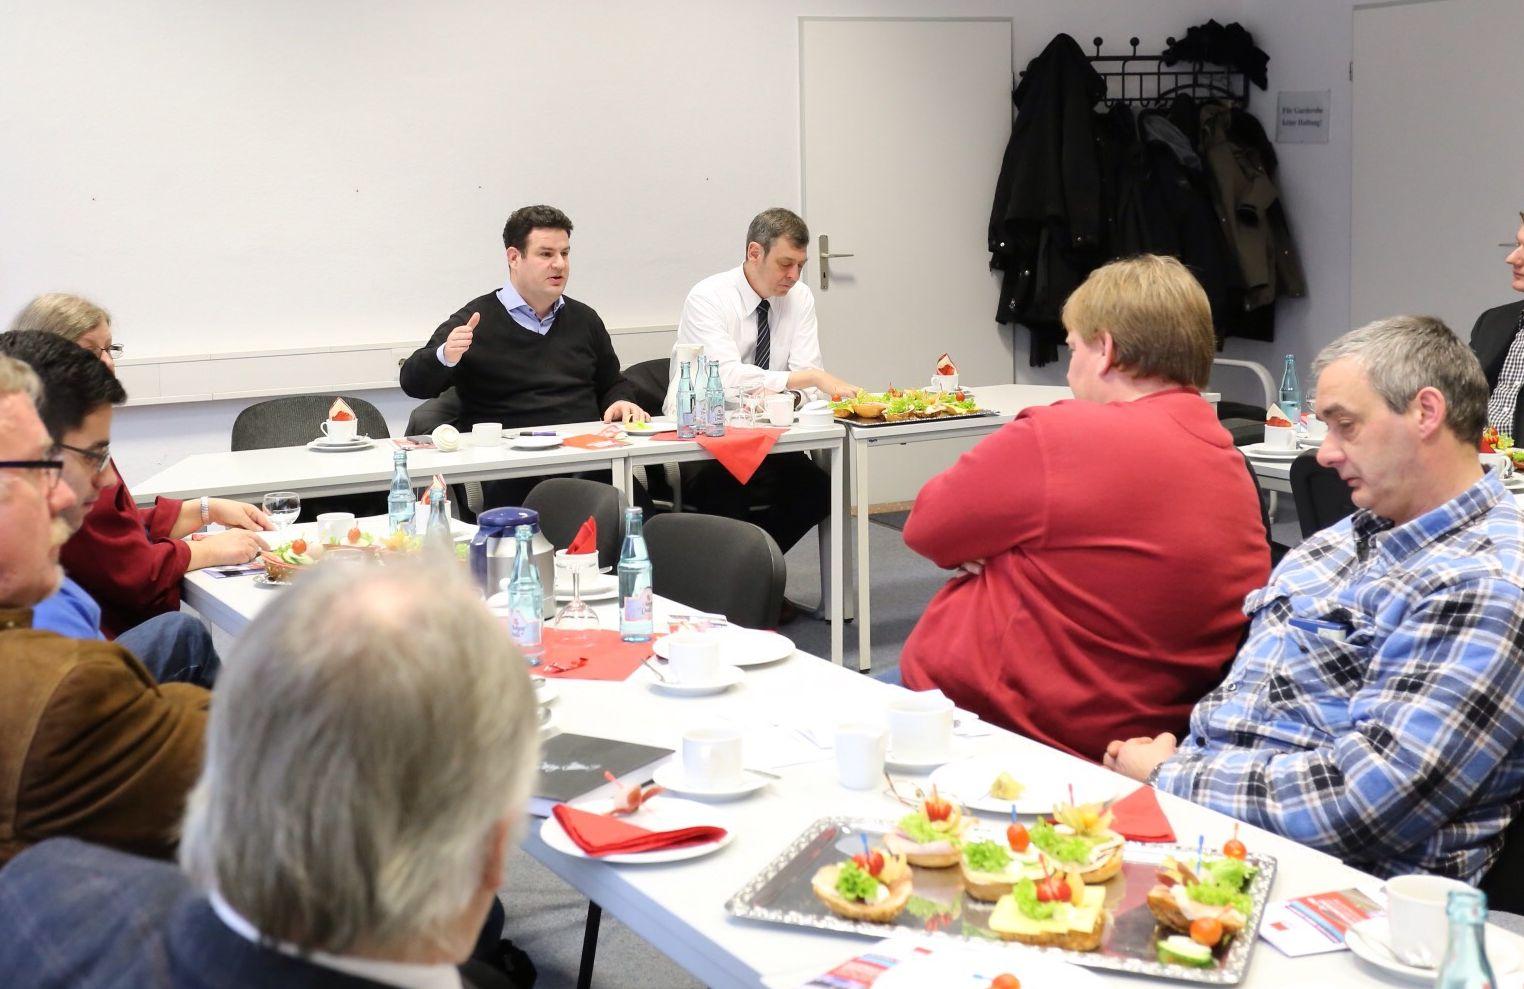 Gewerkschafts-, Personal- und Betriebsrätefrühstück mit Hubertus Heil und Matthias Möhle